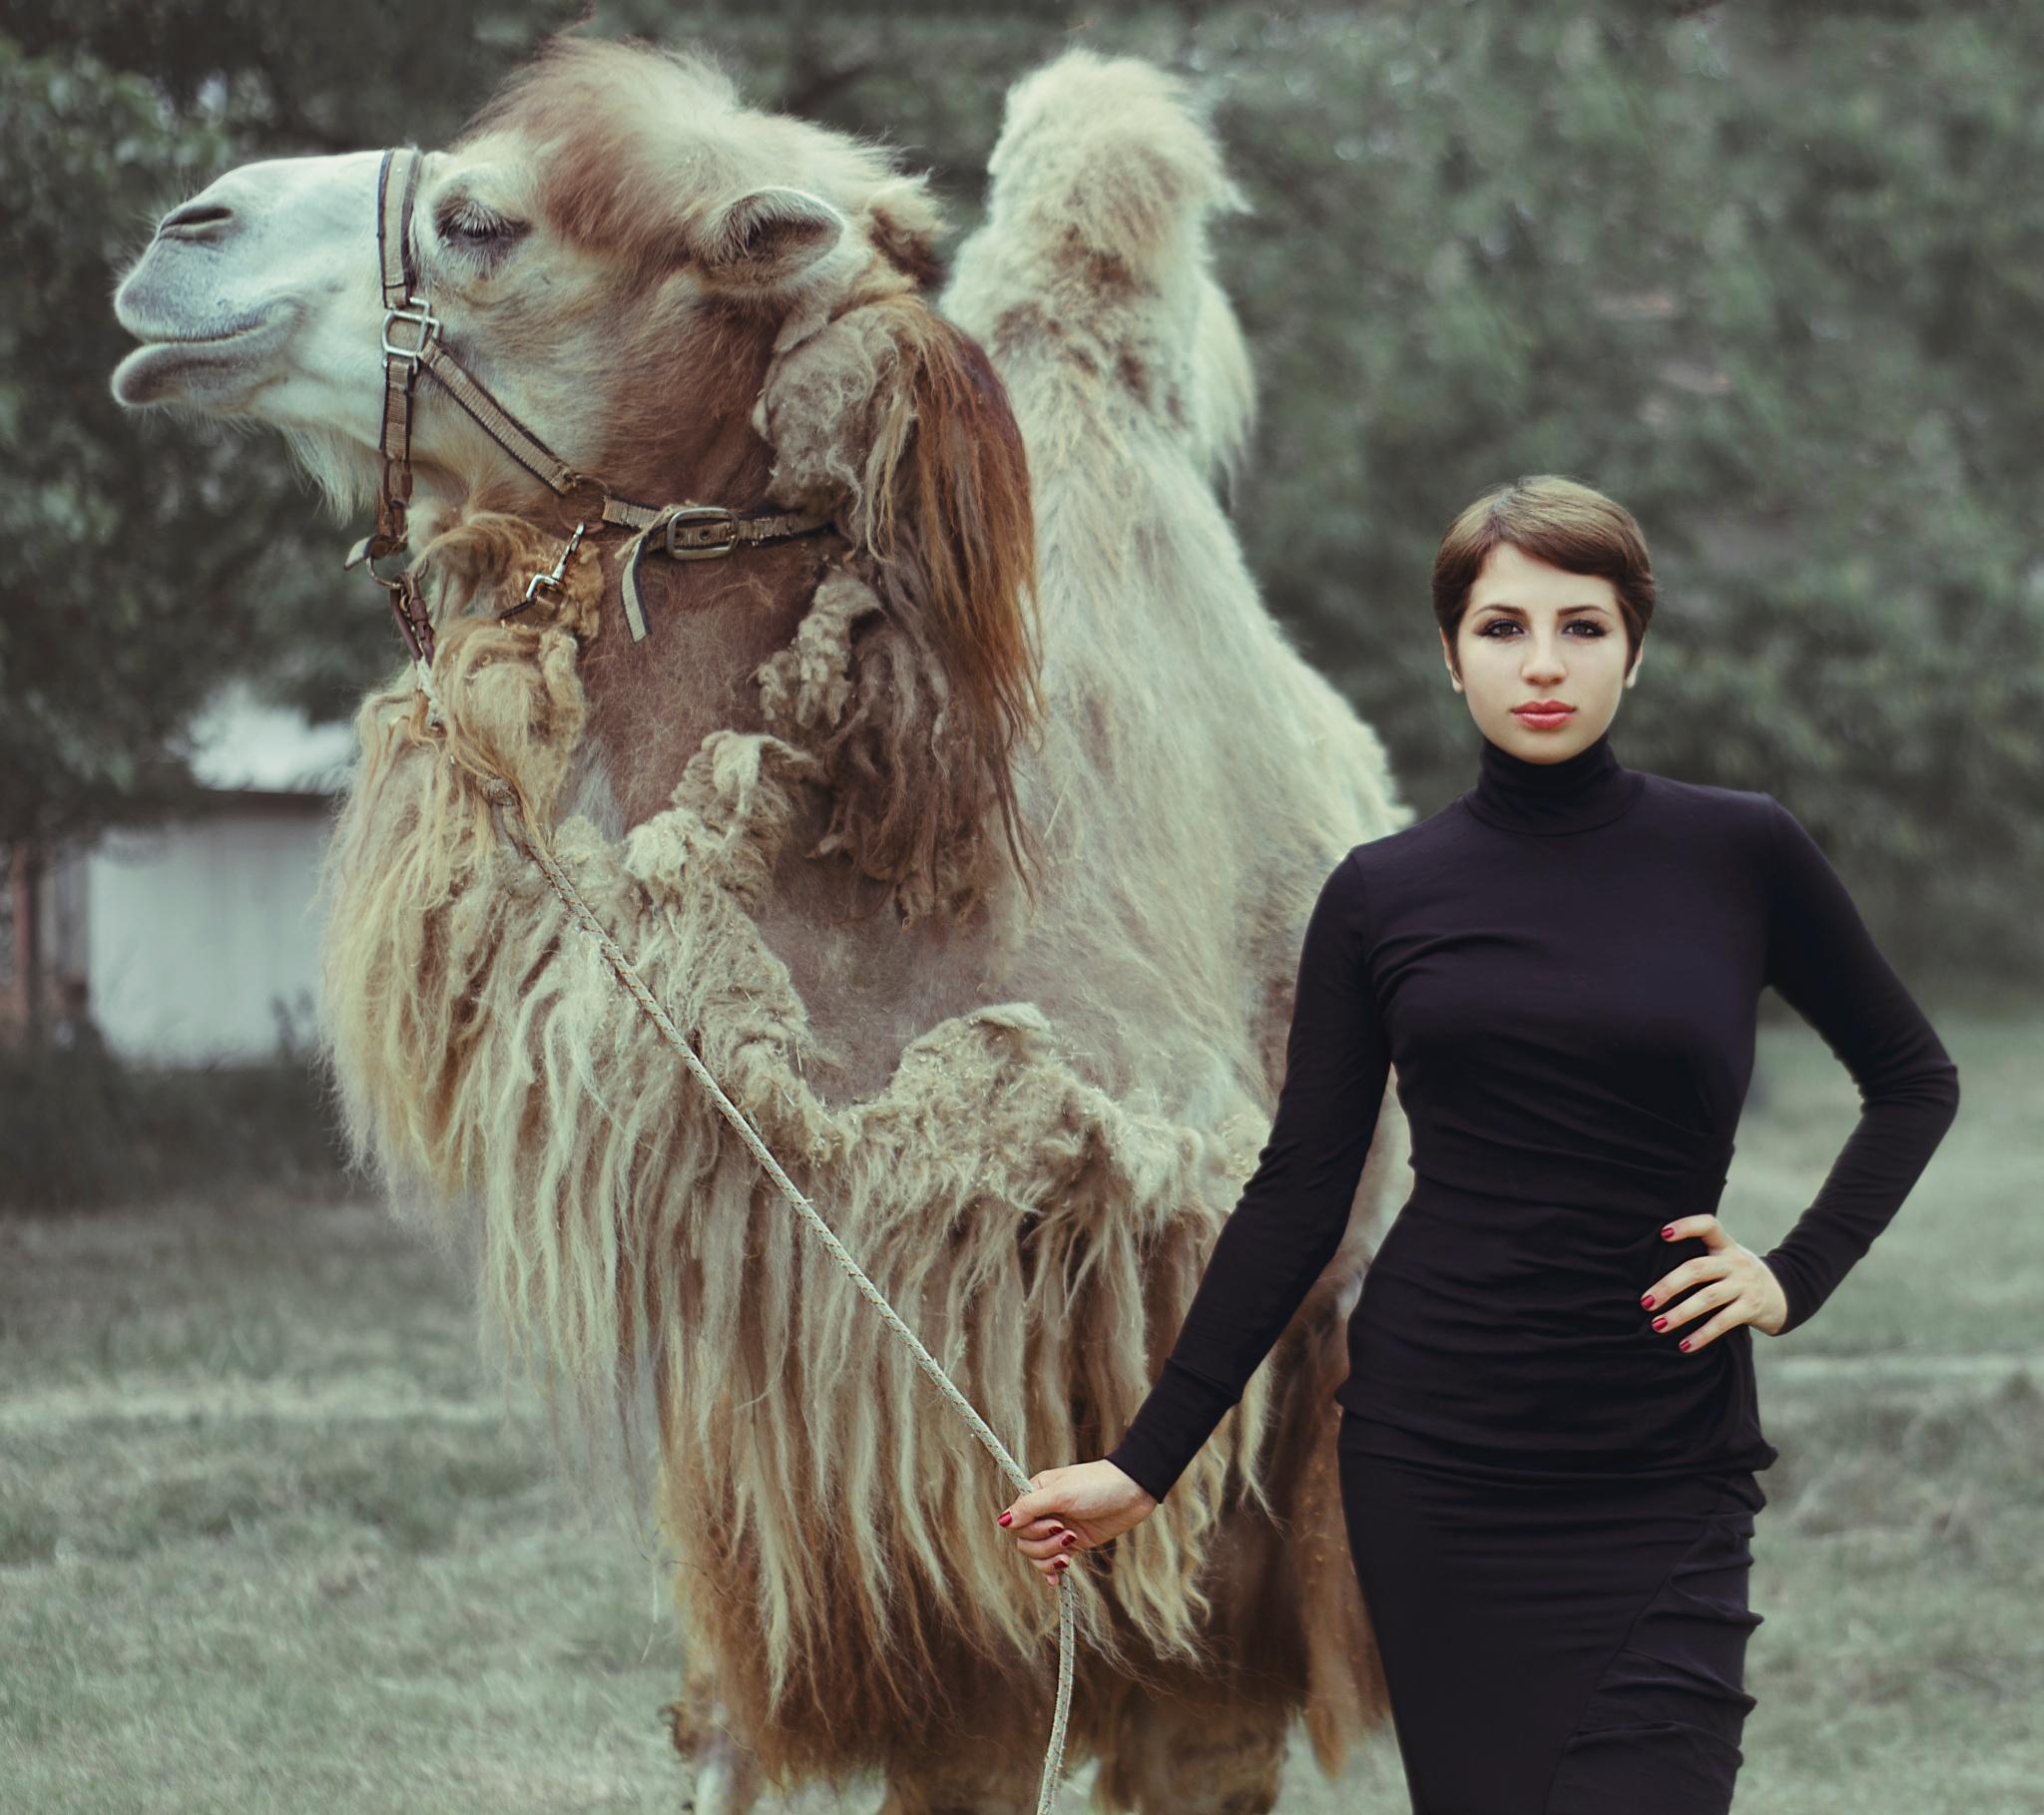 camel dress by Vladimir Kolev